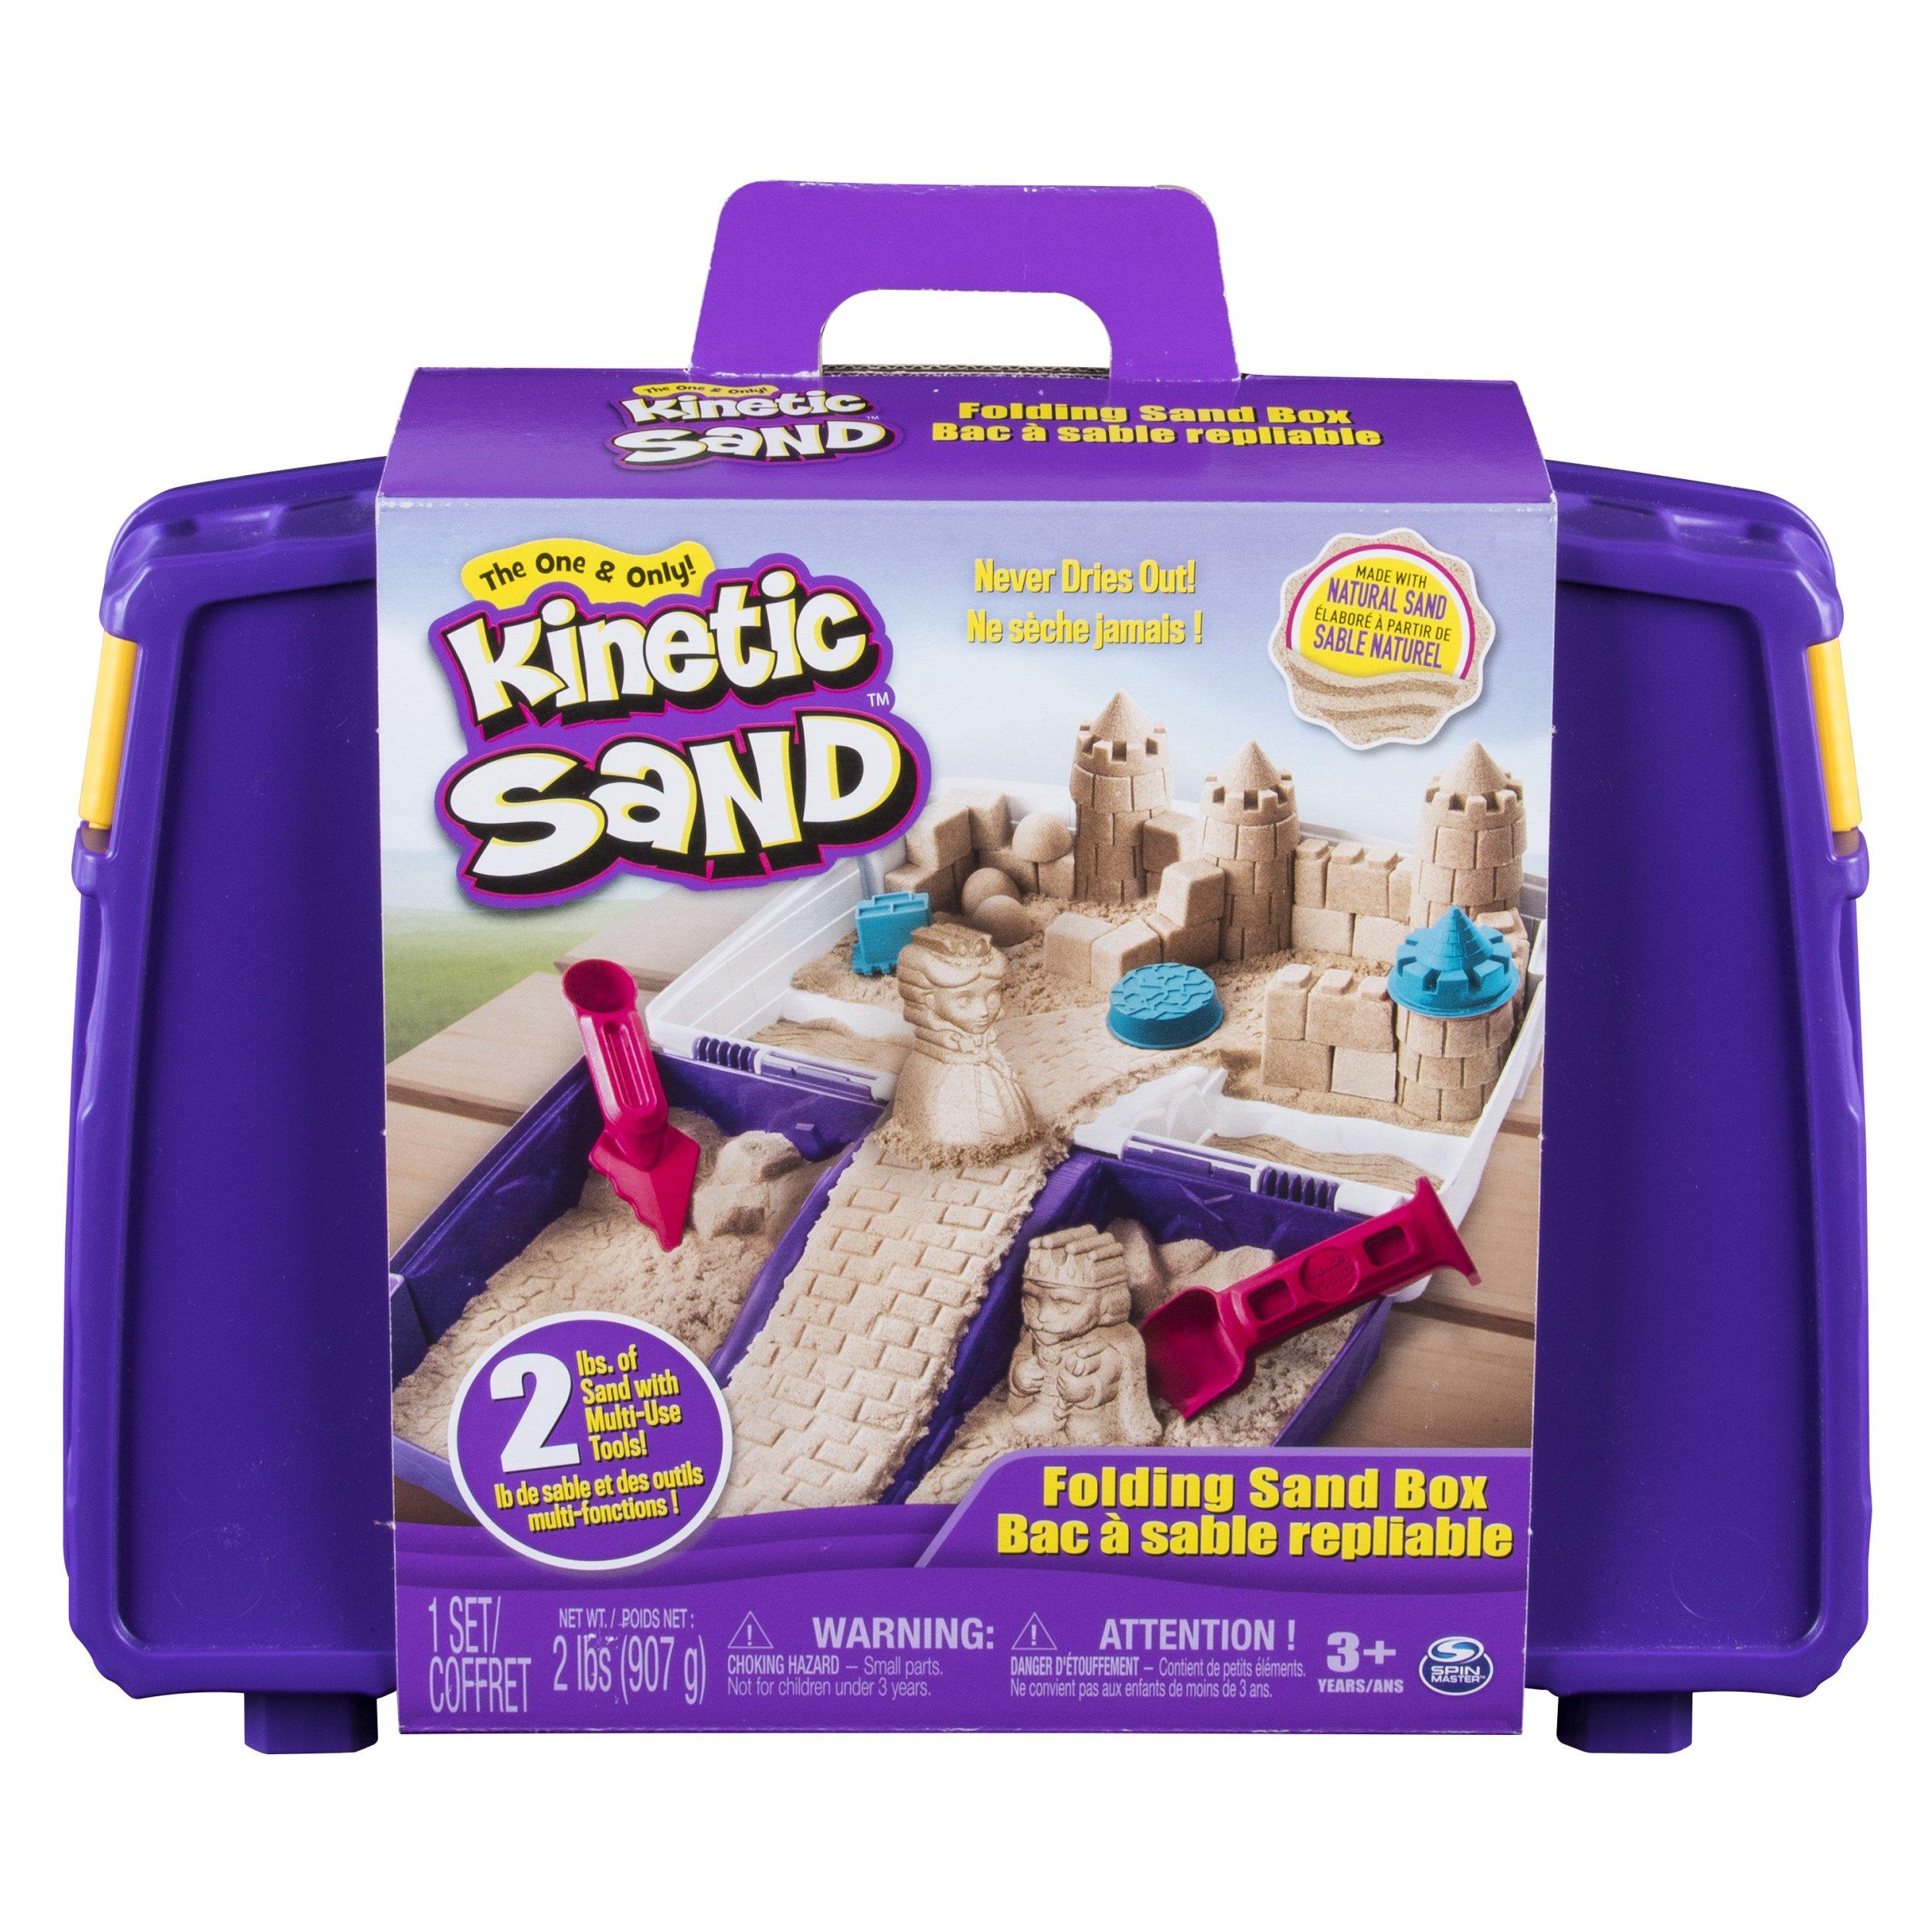 Buy Kinetic Sand Box Now!